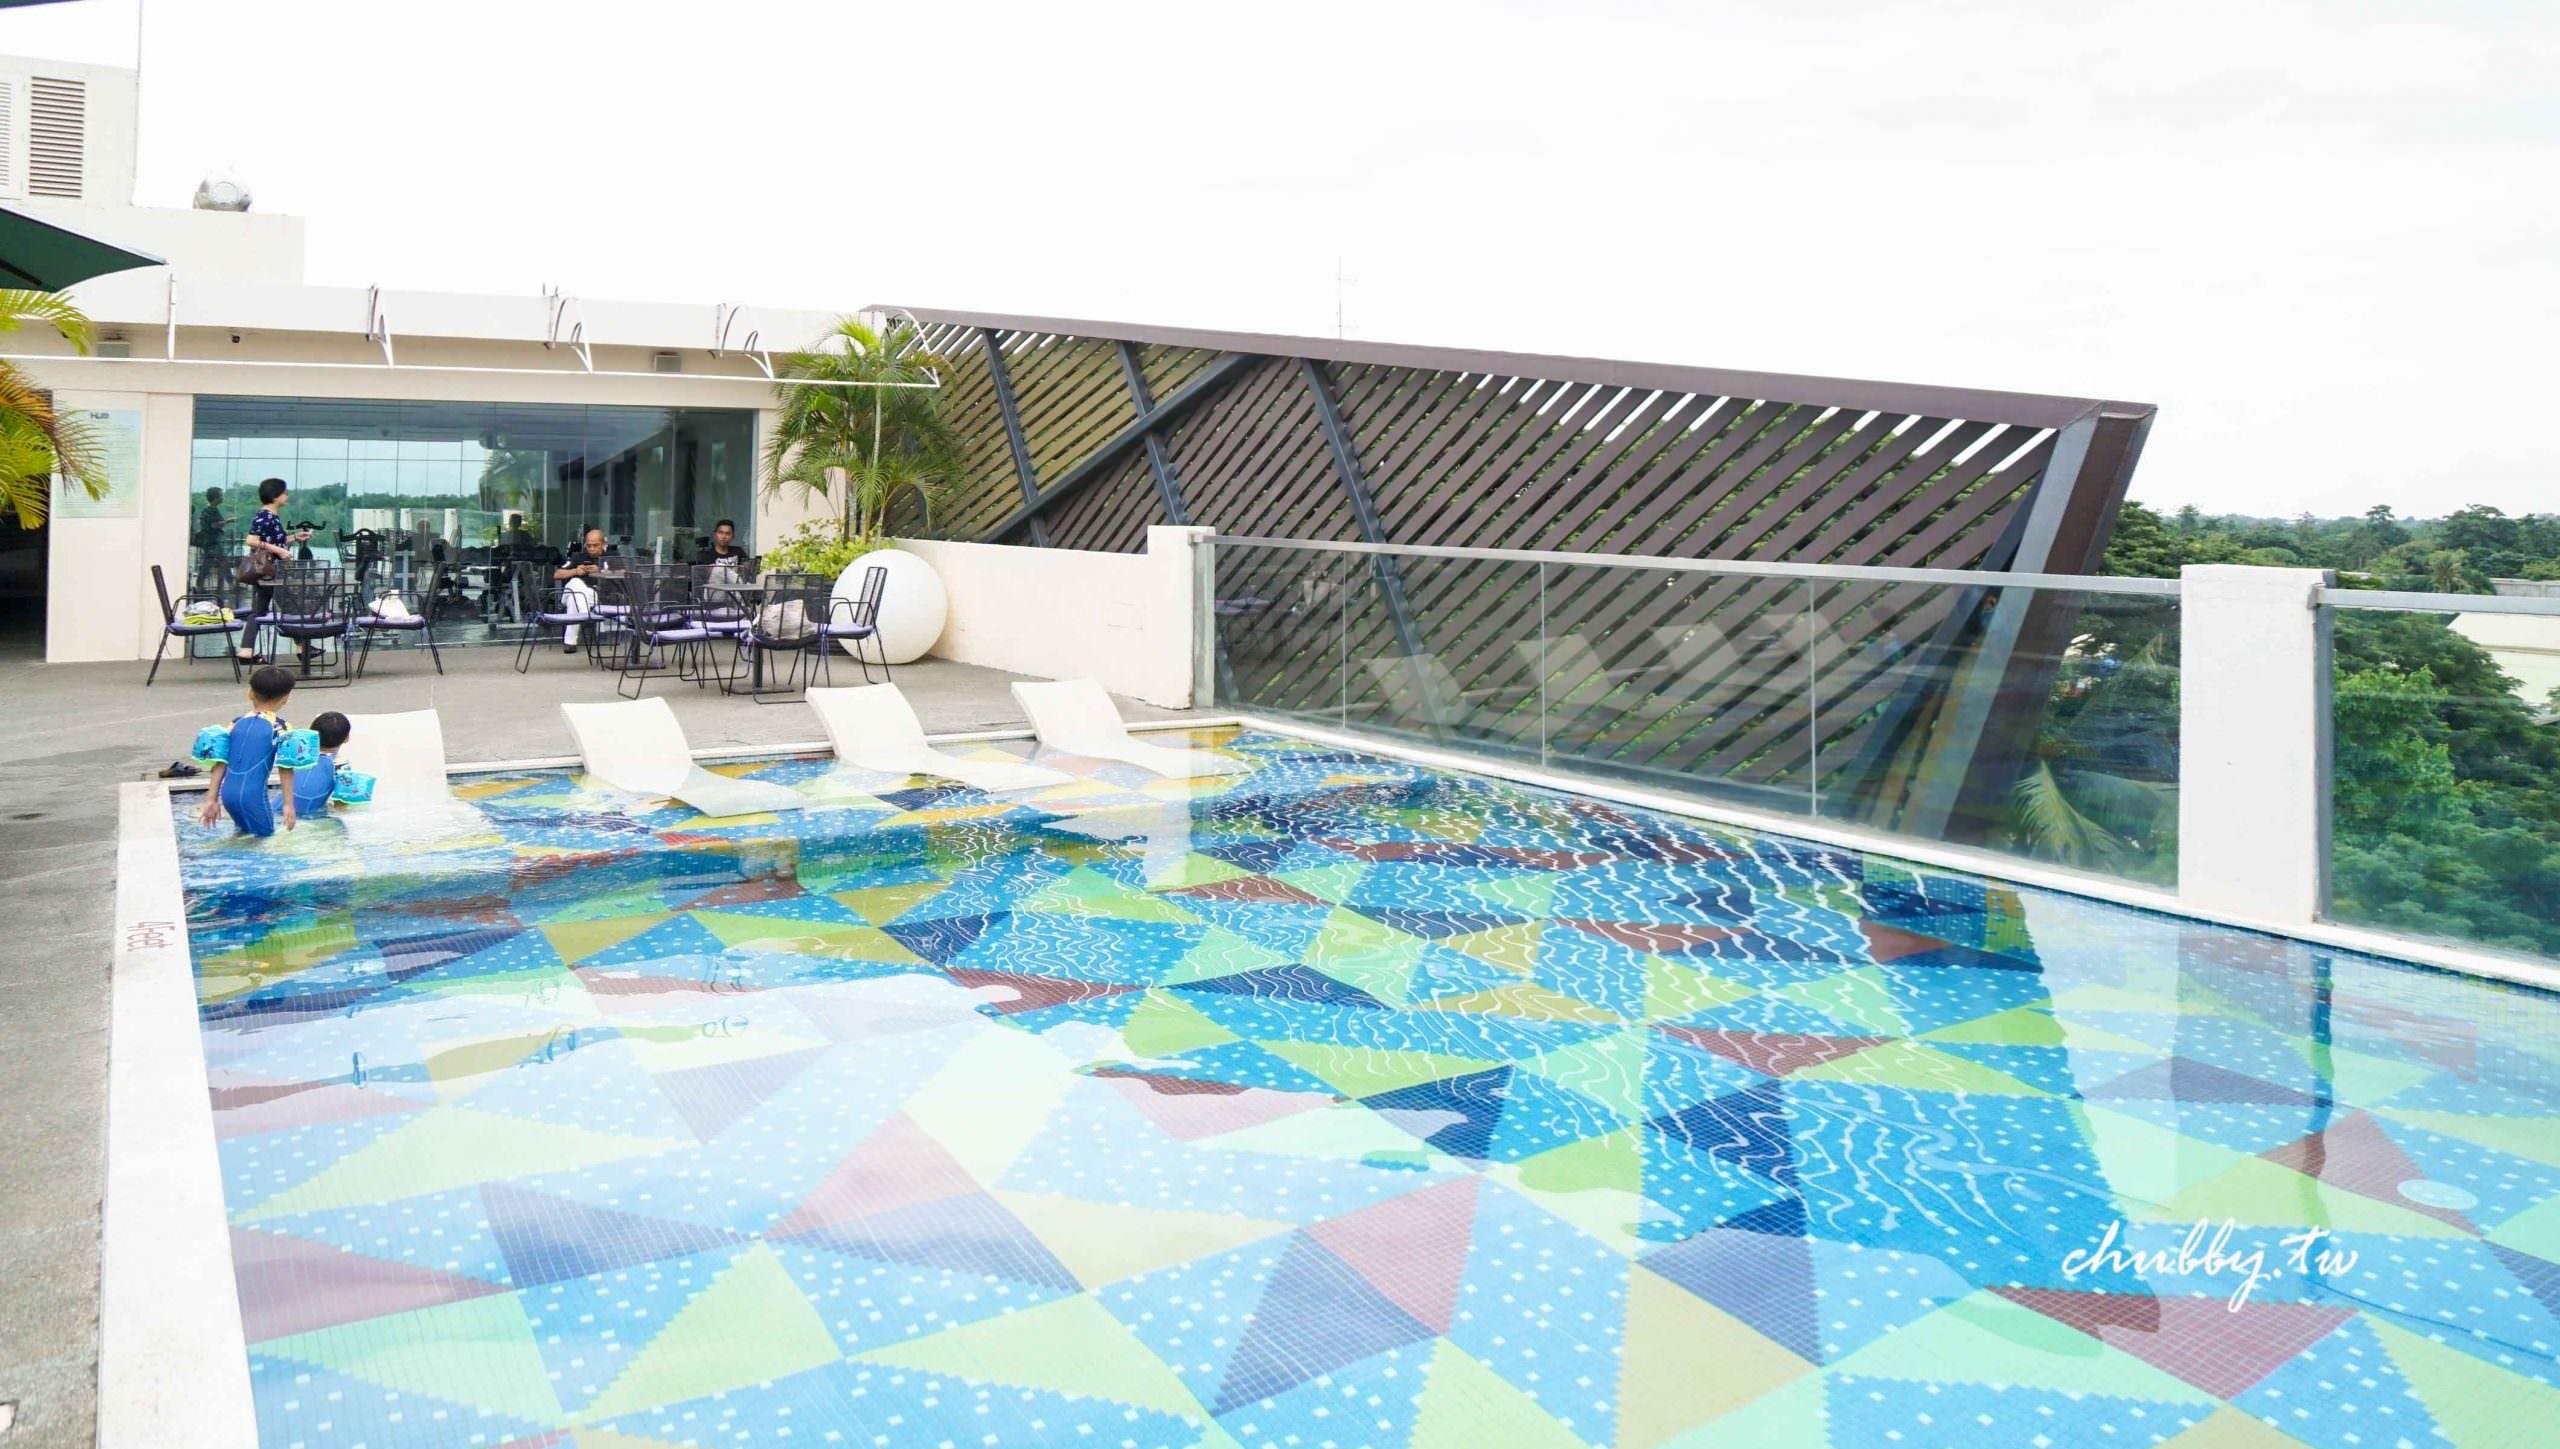 巴拉望飯店推薦:透明高空泳池!Hue Hotels-HII普林塞薩港順化度假酒店│住宿心得